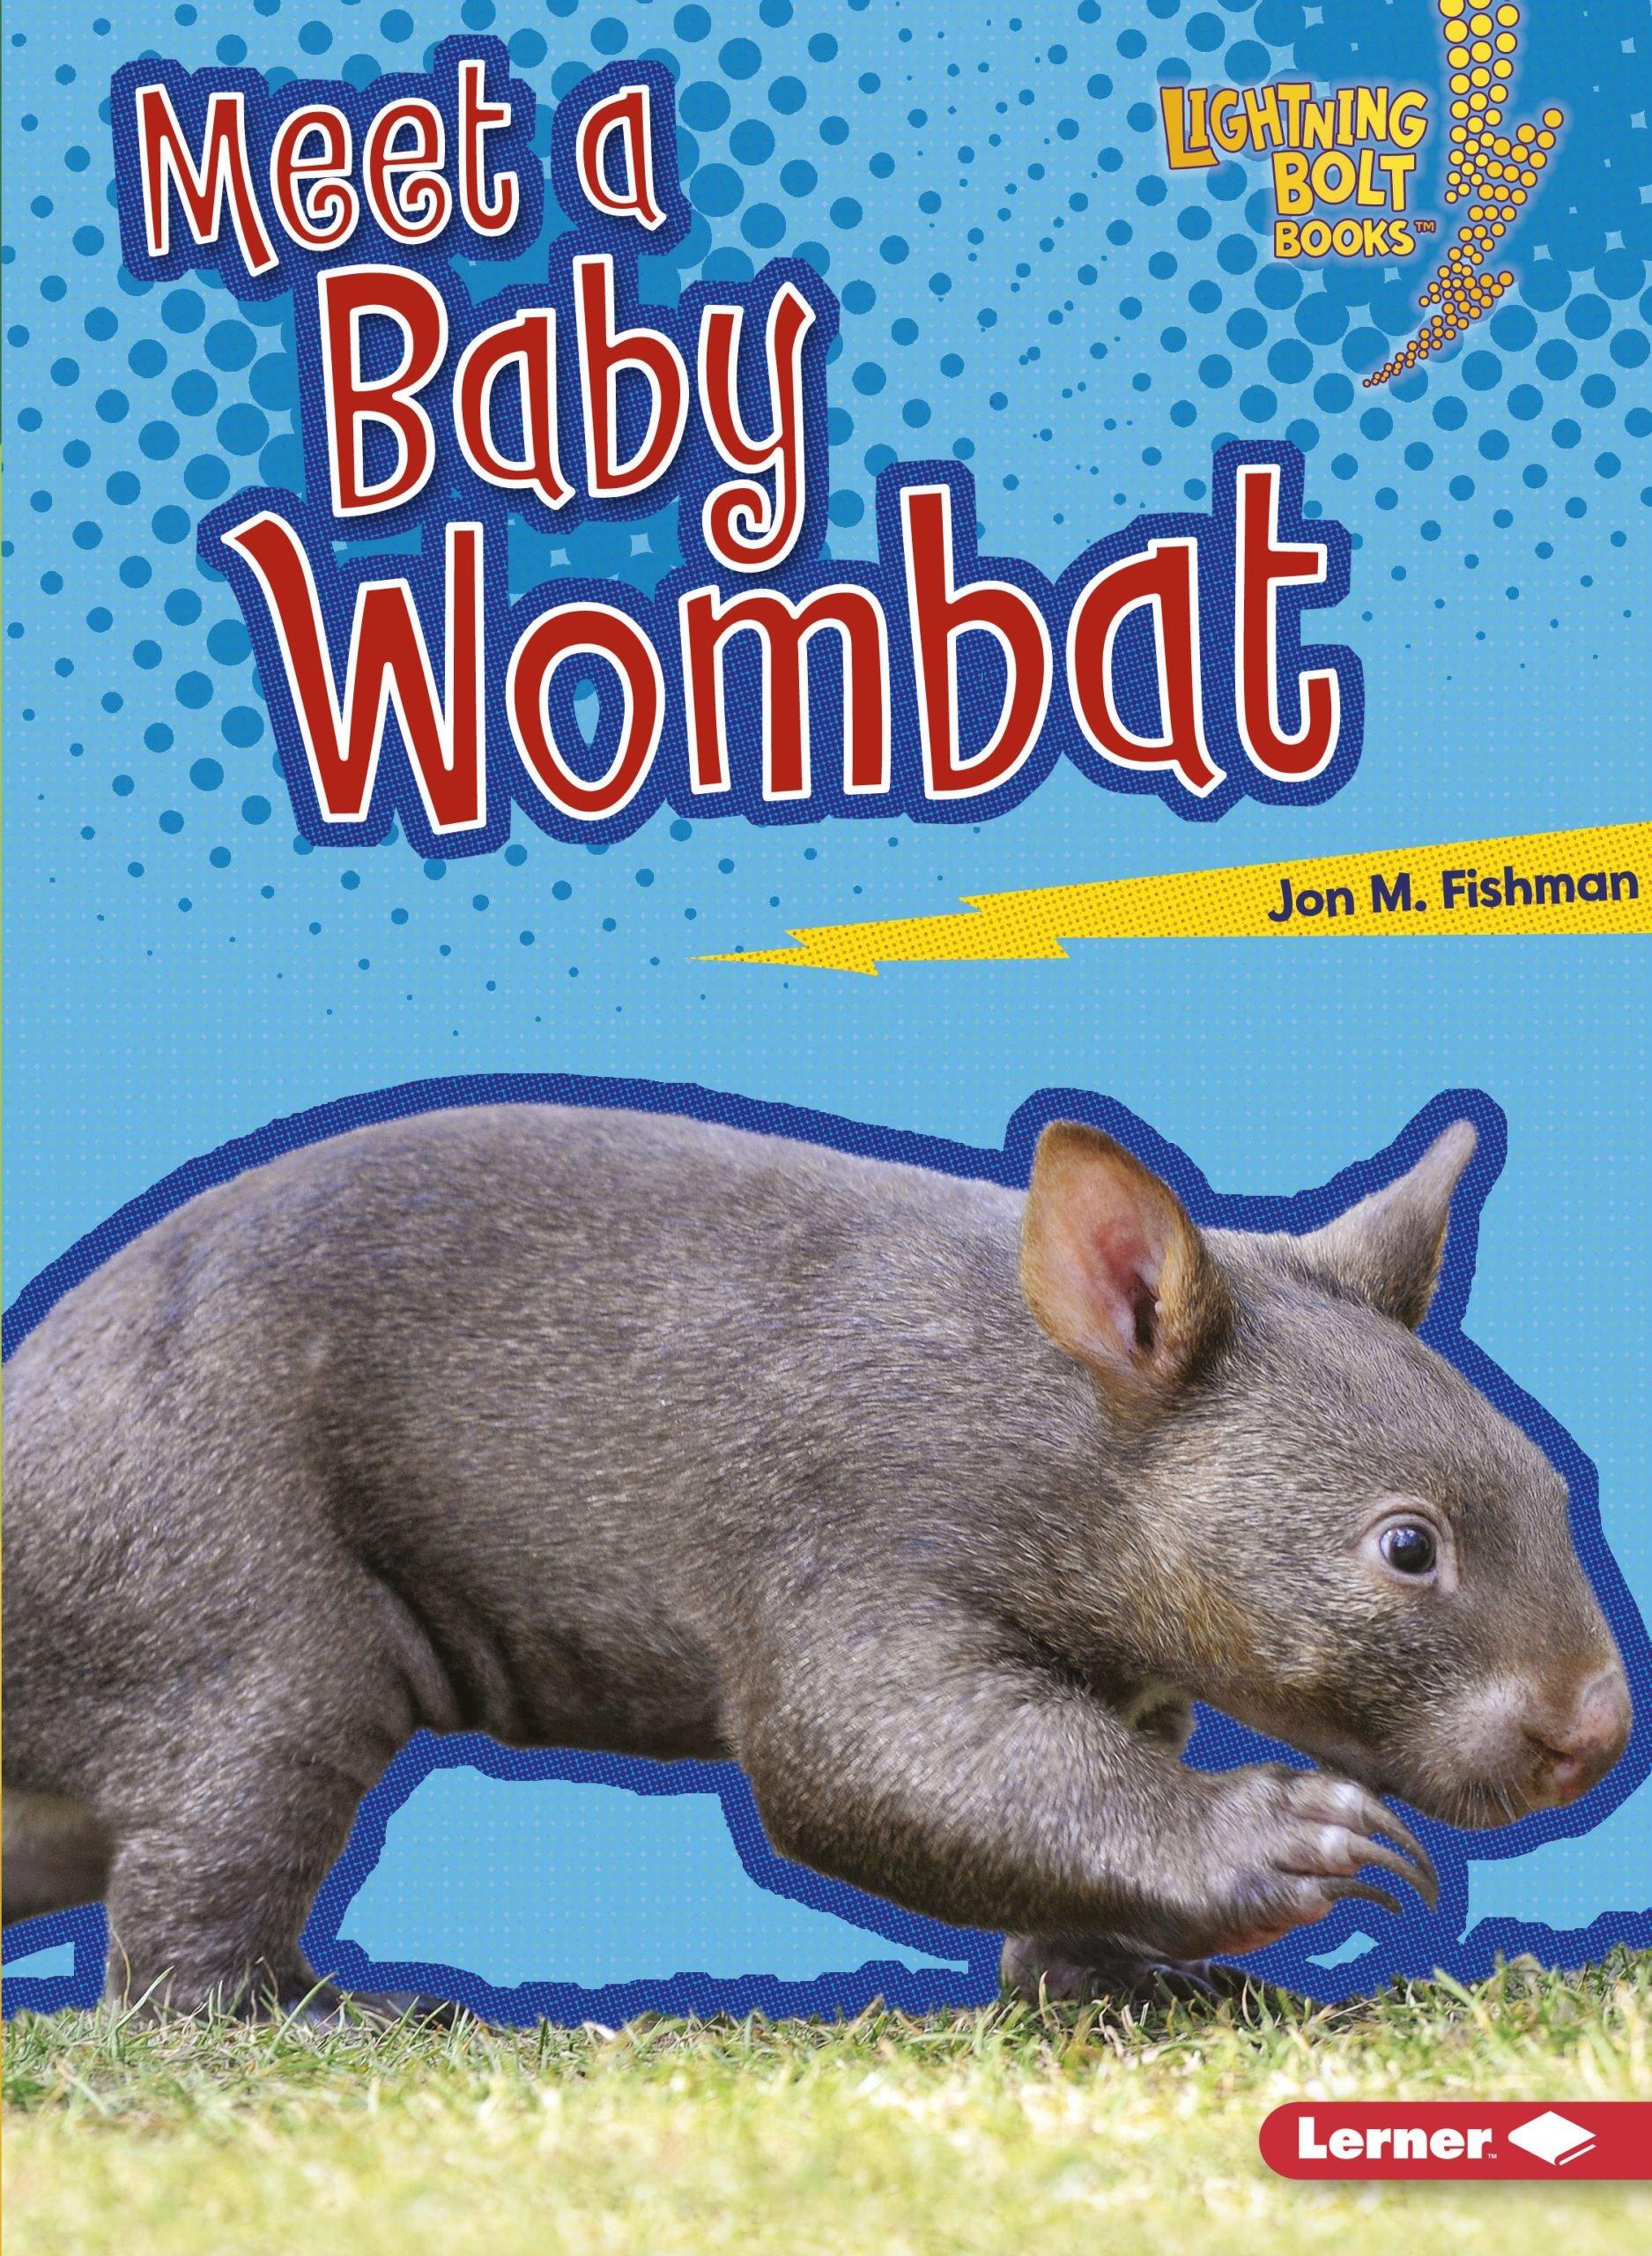 Meet a Baby Wombat (Lightning Bolt Books: Baby Australian Animals)